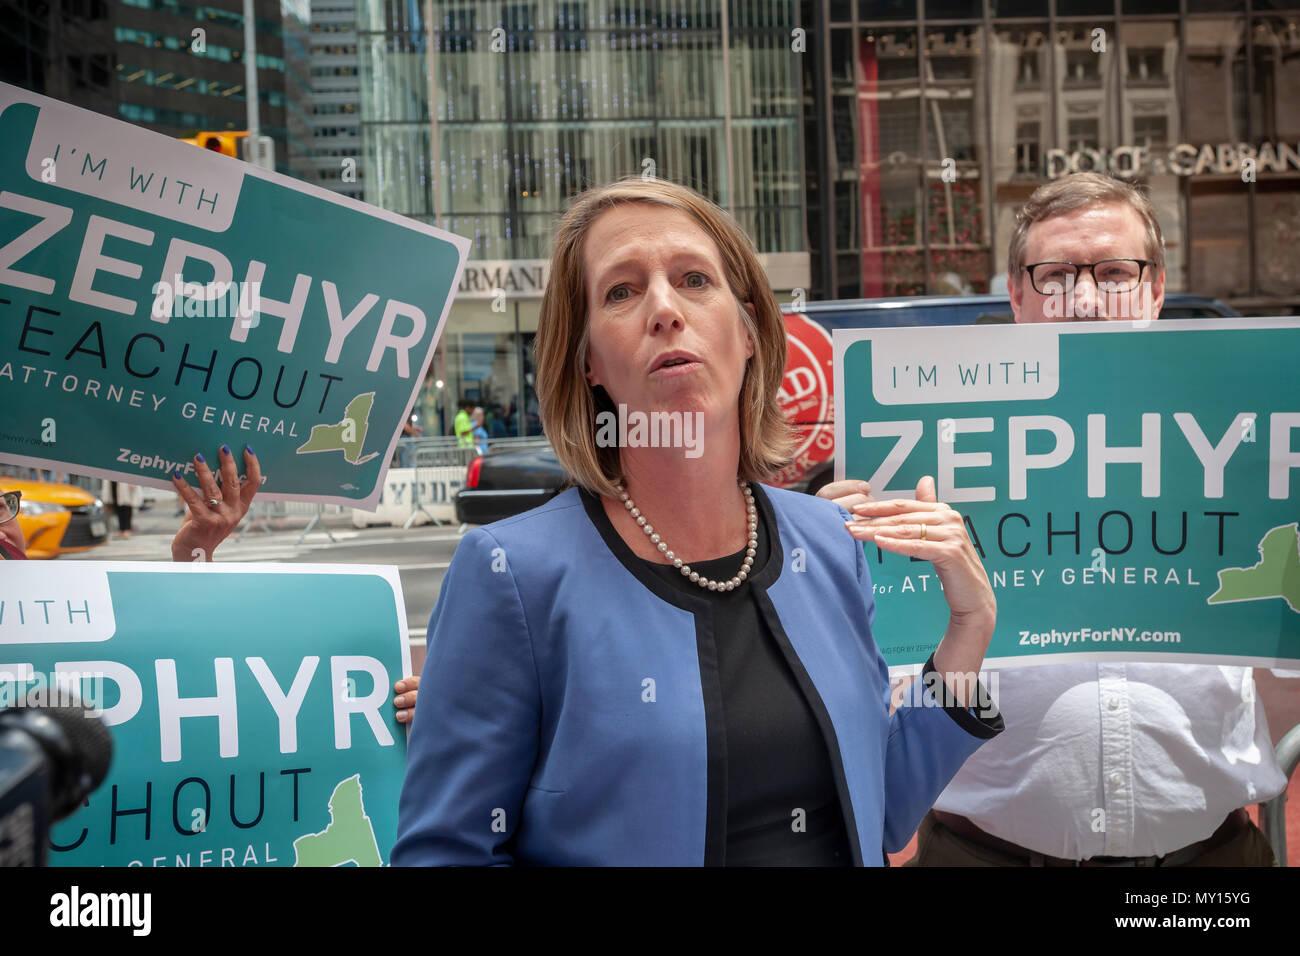 New York, USA. 5 juin, 2018. Comité permanent sur la cinquième avenue par Trump Tower Zephyr Teachout NYS démocratique partisans rejoint le mardi 5 juin 2018, alors qu'elle annonce qu'elle est de rejoindre le domaine et le fonctionnement de l'État de New York, en remplacement du procureur général Eric disgracié Schneiderman qui a démissionné. Teachout a fait l'annonce le premier jour de pétitionner, qu'elle a à faire pour obtenir sur les bulletins n'ayant pas obtenu 25 % des votes des délégués lors du récent congrès de l'État démocratique. (© Richard B. Levine) Crédit: Richard Levine/Alamy Live News Banque D'Images